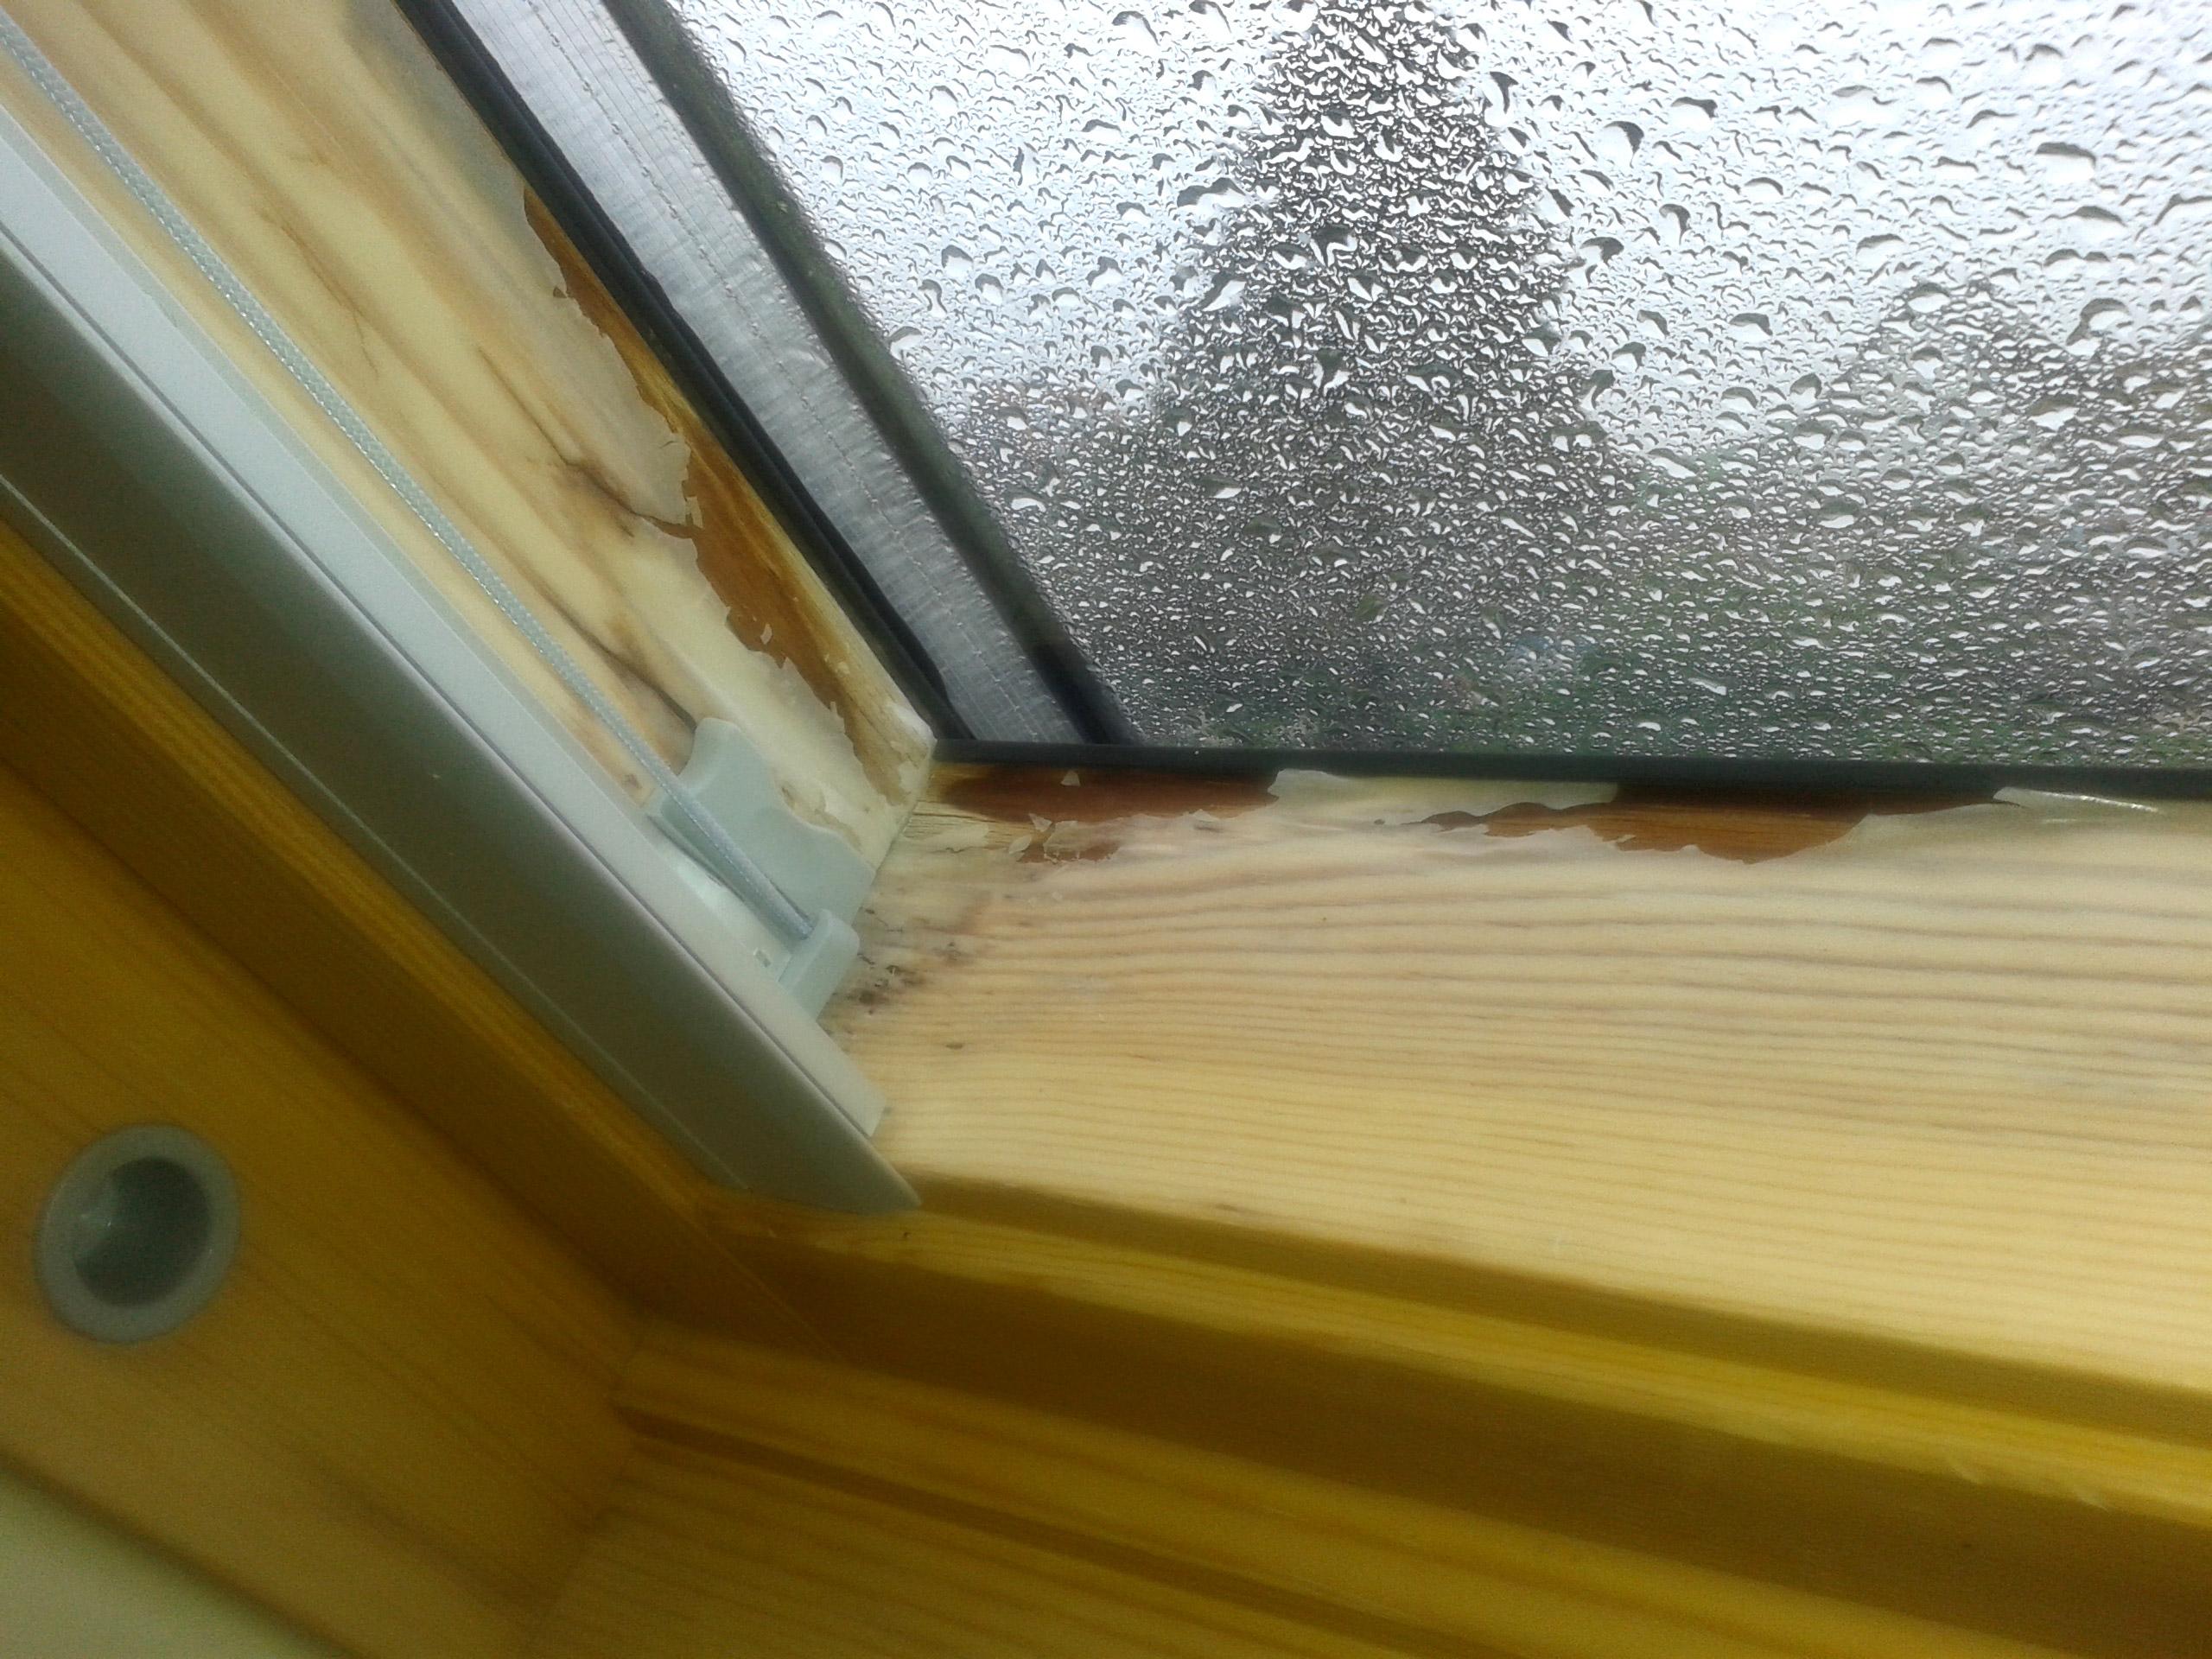 Fenster Lasieren Perfect Holzfenster Streichen Mit Lasur Ideen